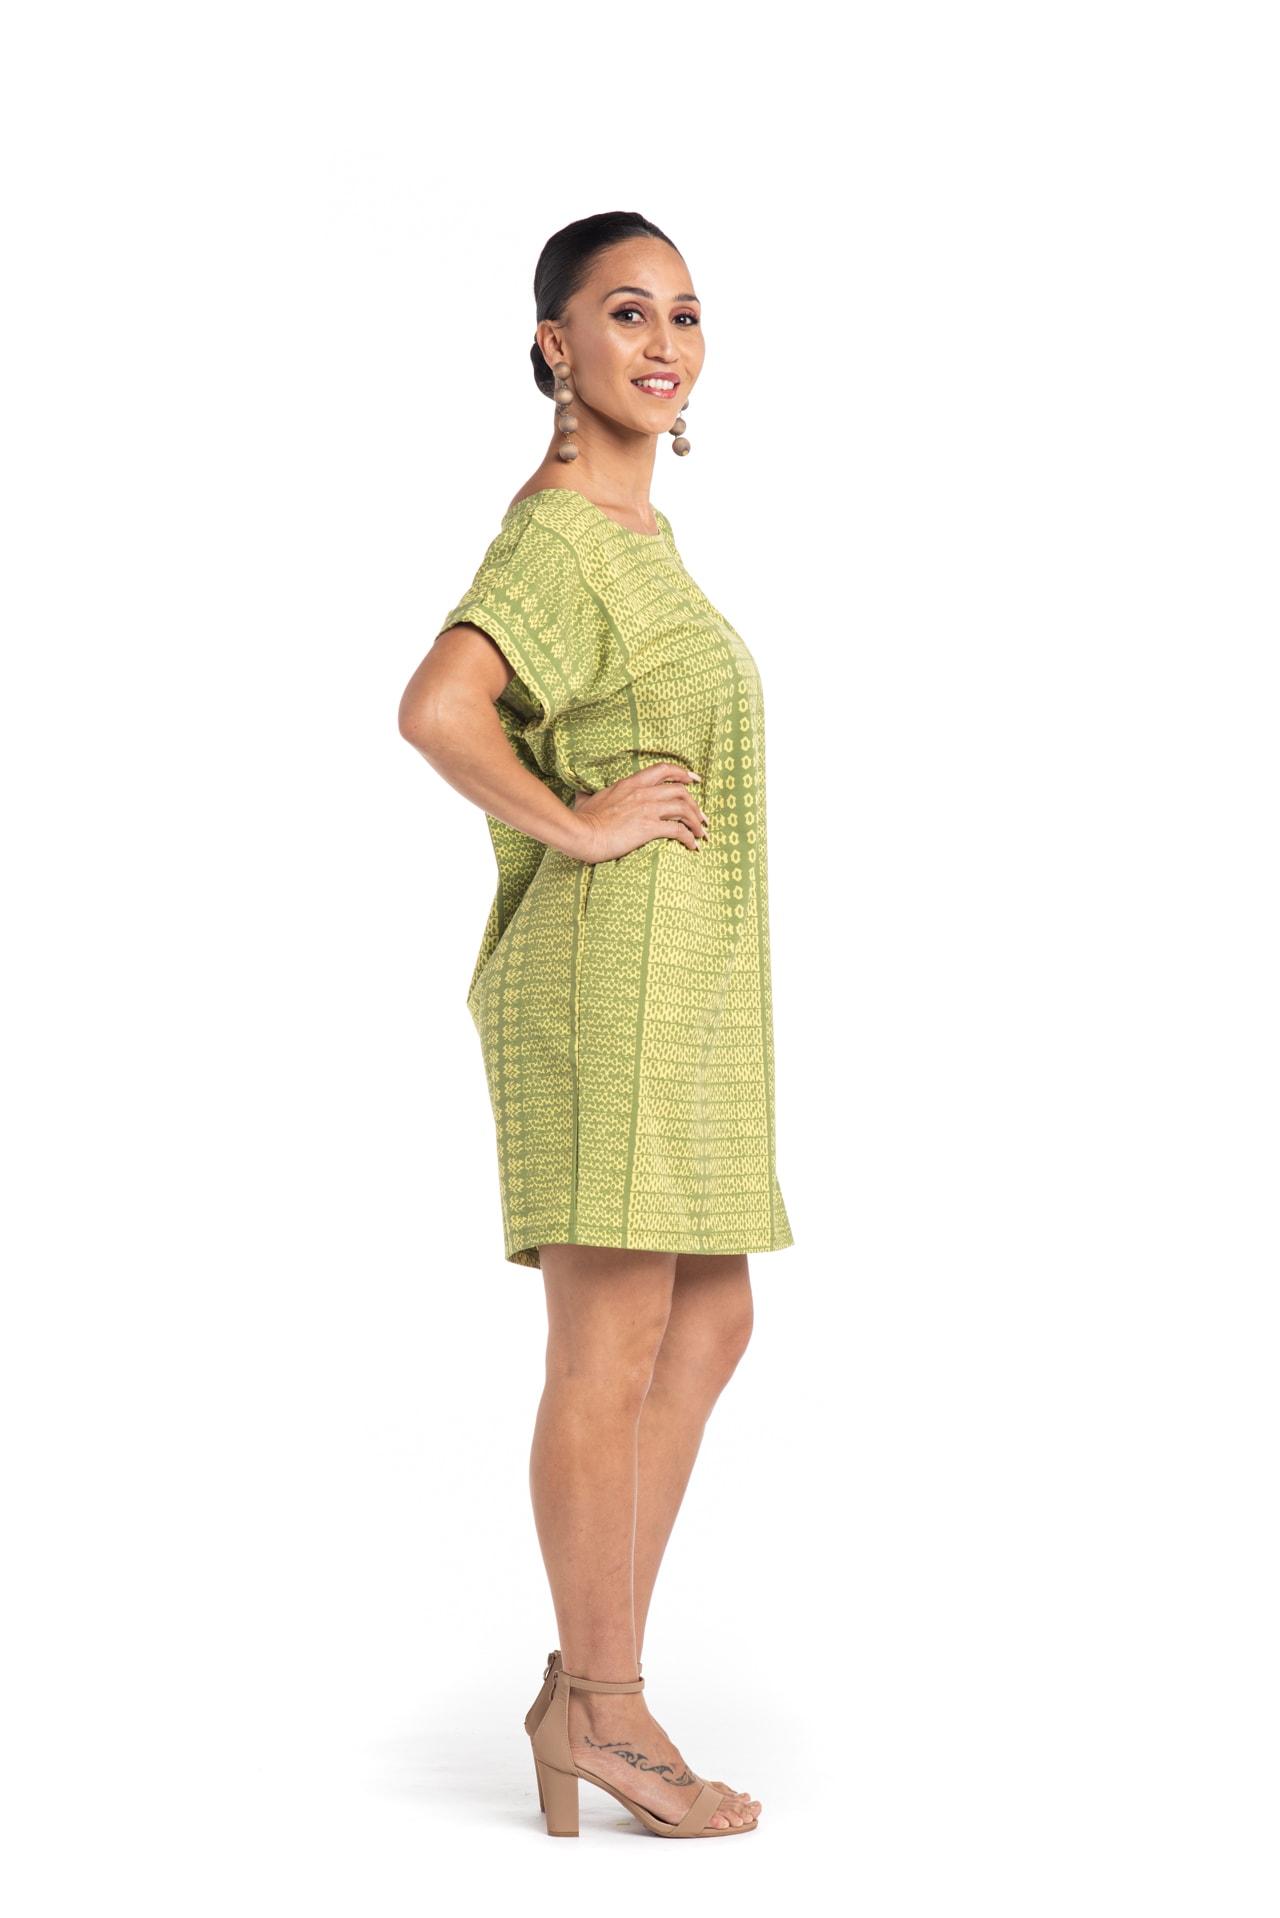 Model wearing Puaniu Shift Dress in Green - Side View